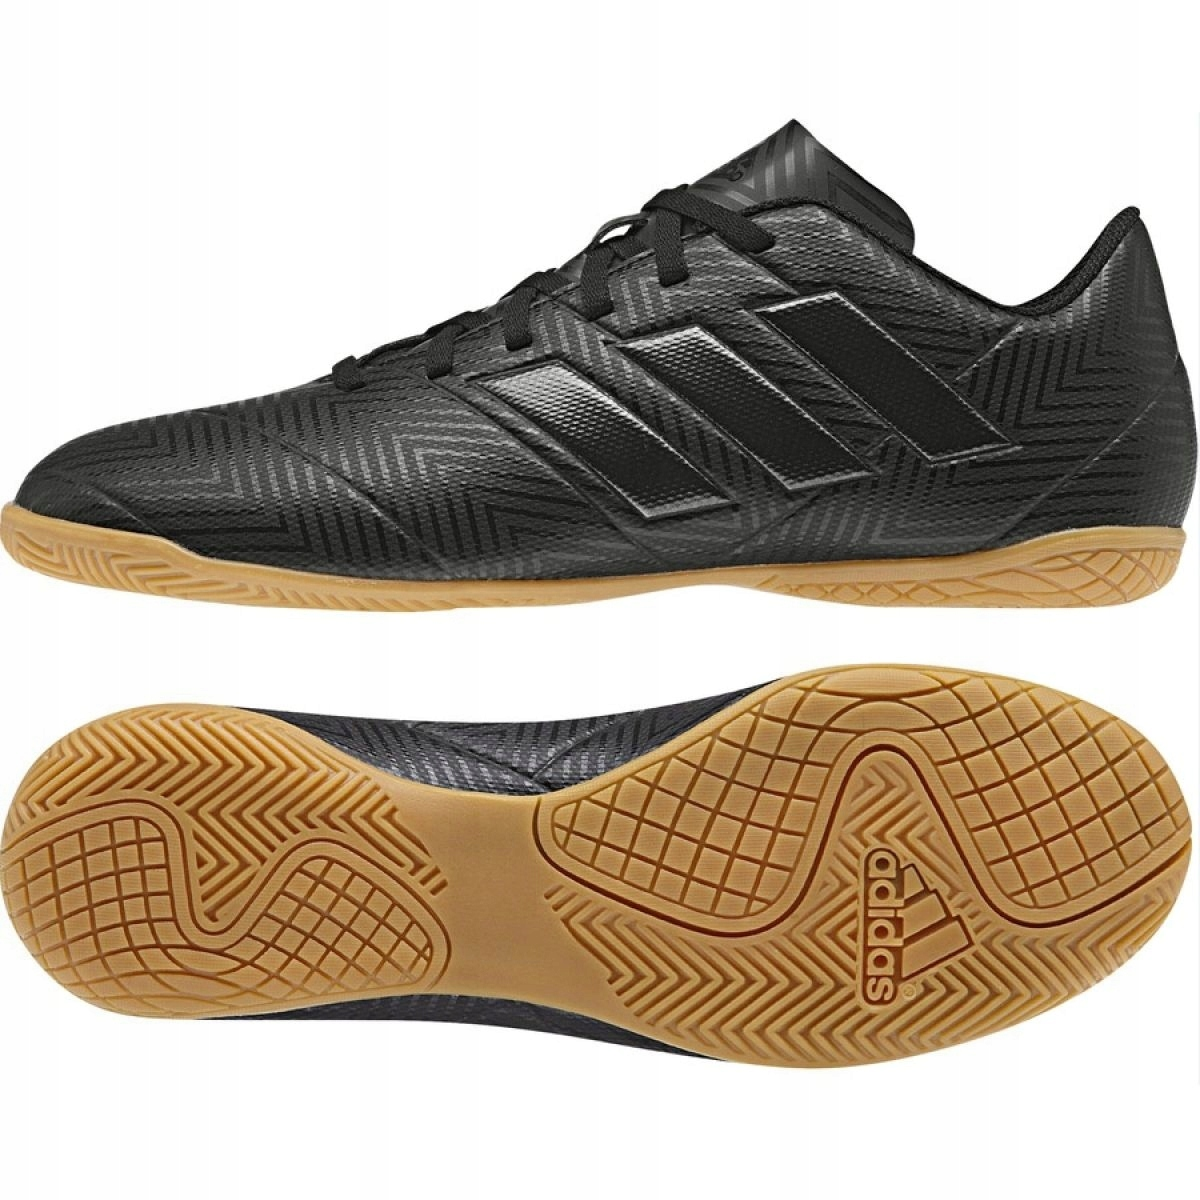 Buty adidas Nemeziz Tango 18.4 IN DB2253 45 13 7509627606